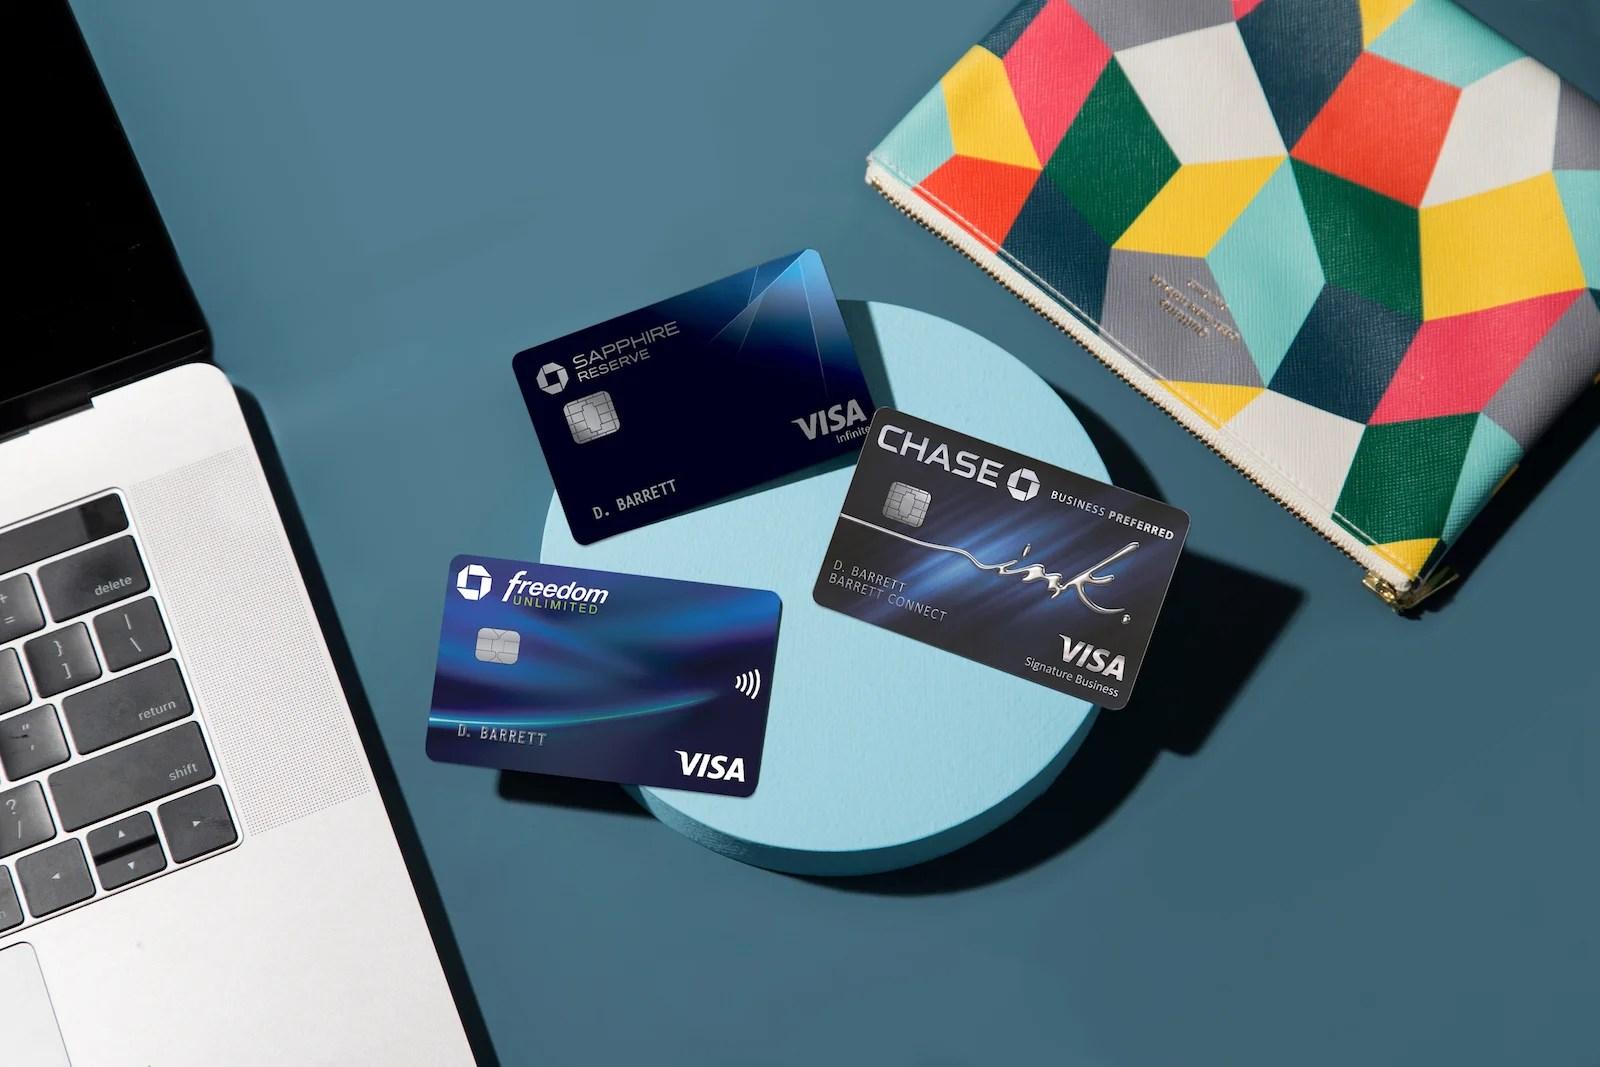 стройкредит банк онлайн заявка на кредит наличными